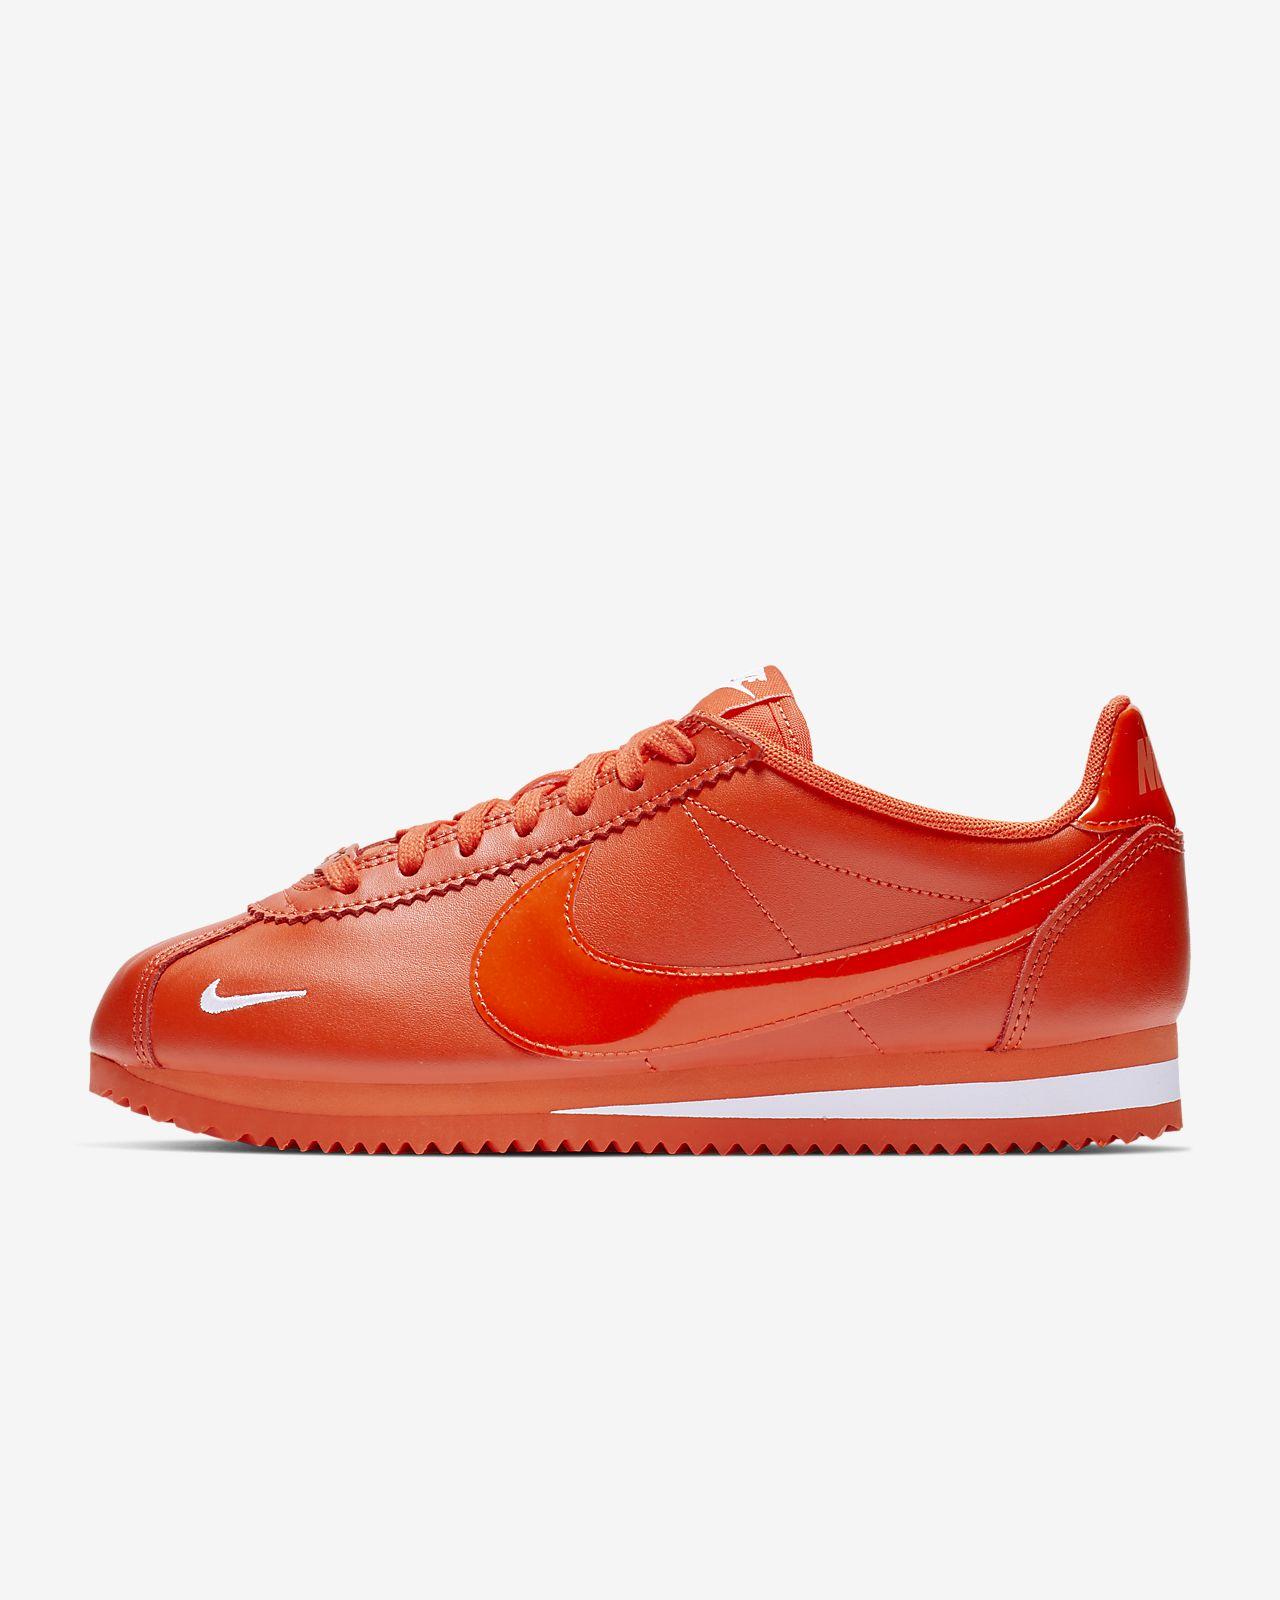 finest selection 3a919 8749b ... Nike Classic Cortez Premium Women s Shoe